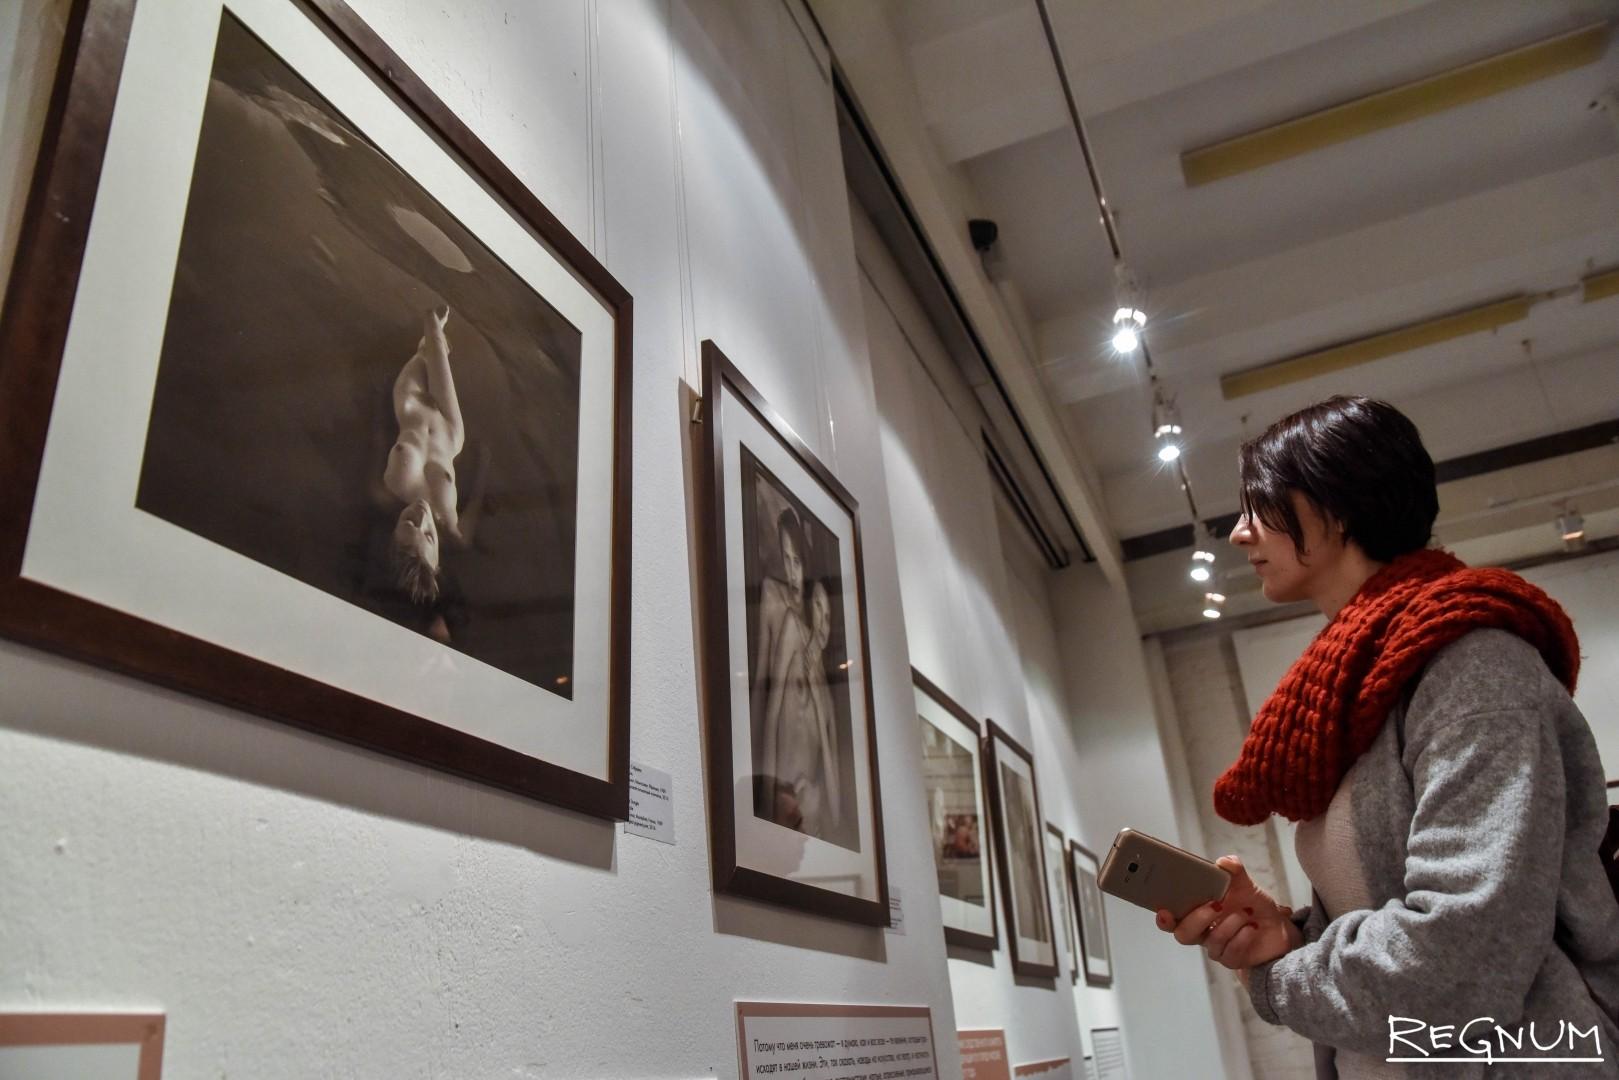 скандальная выставка с детскими фото